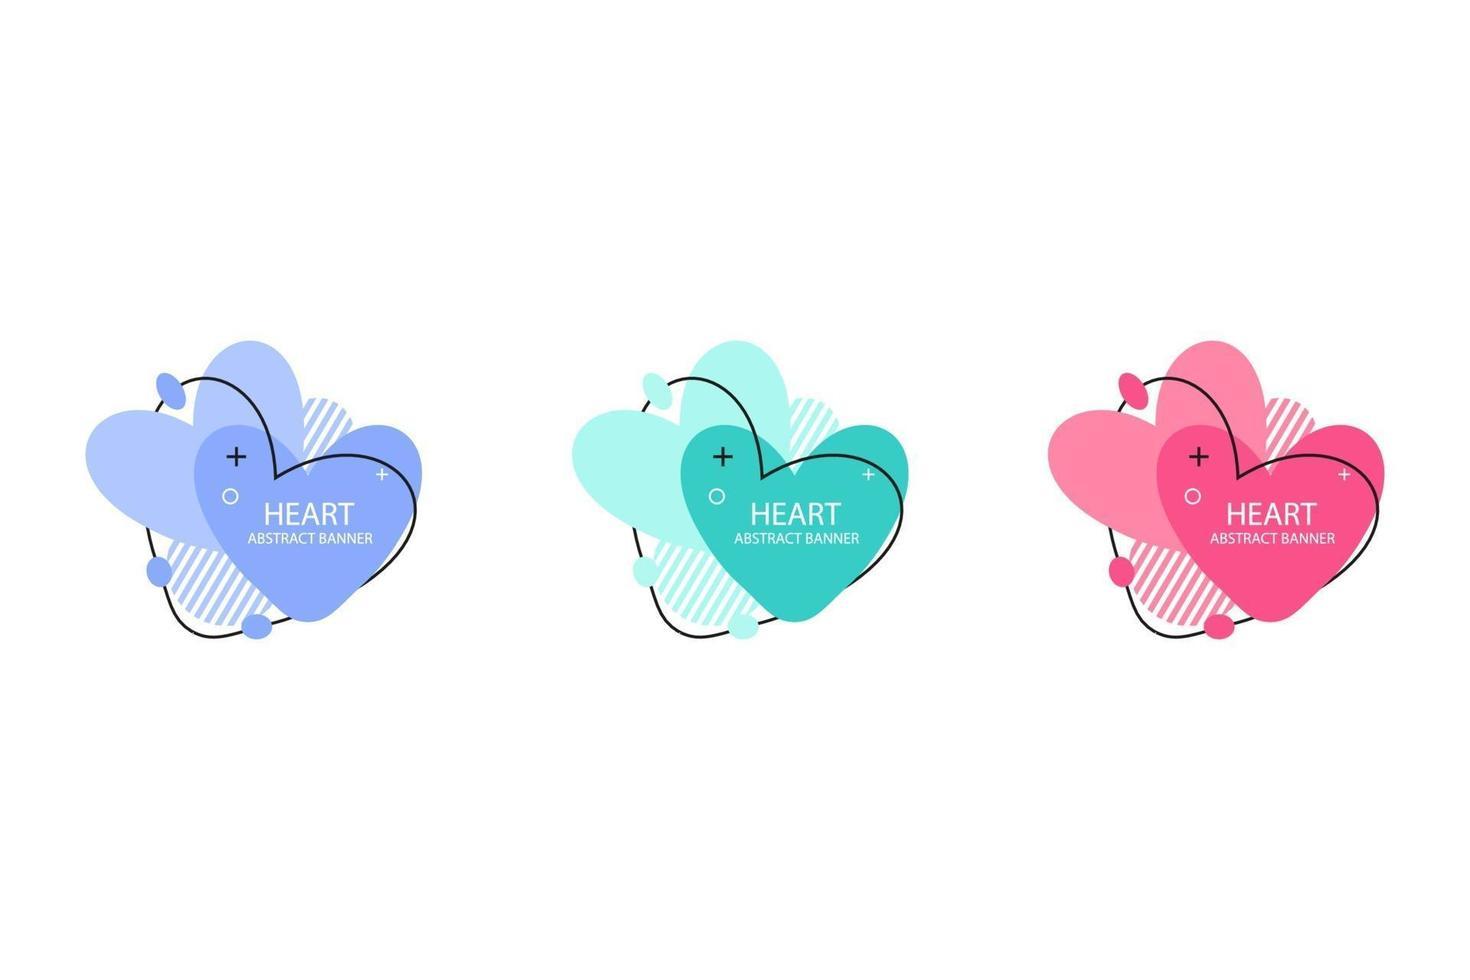 twee harten abstracte banner collectie. organische of vloeiende vormen met verschillende zachte kleuren. bruikbaar voor web, sociale media, print, banner, achtergrond, achtergrondsjabloon. Valentijnsdag viering vector